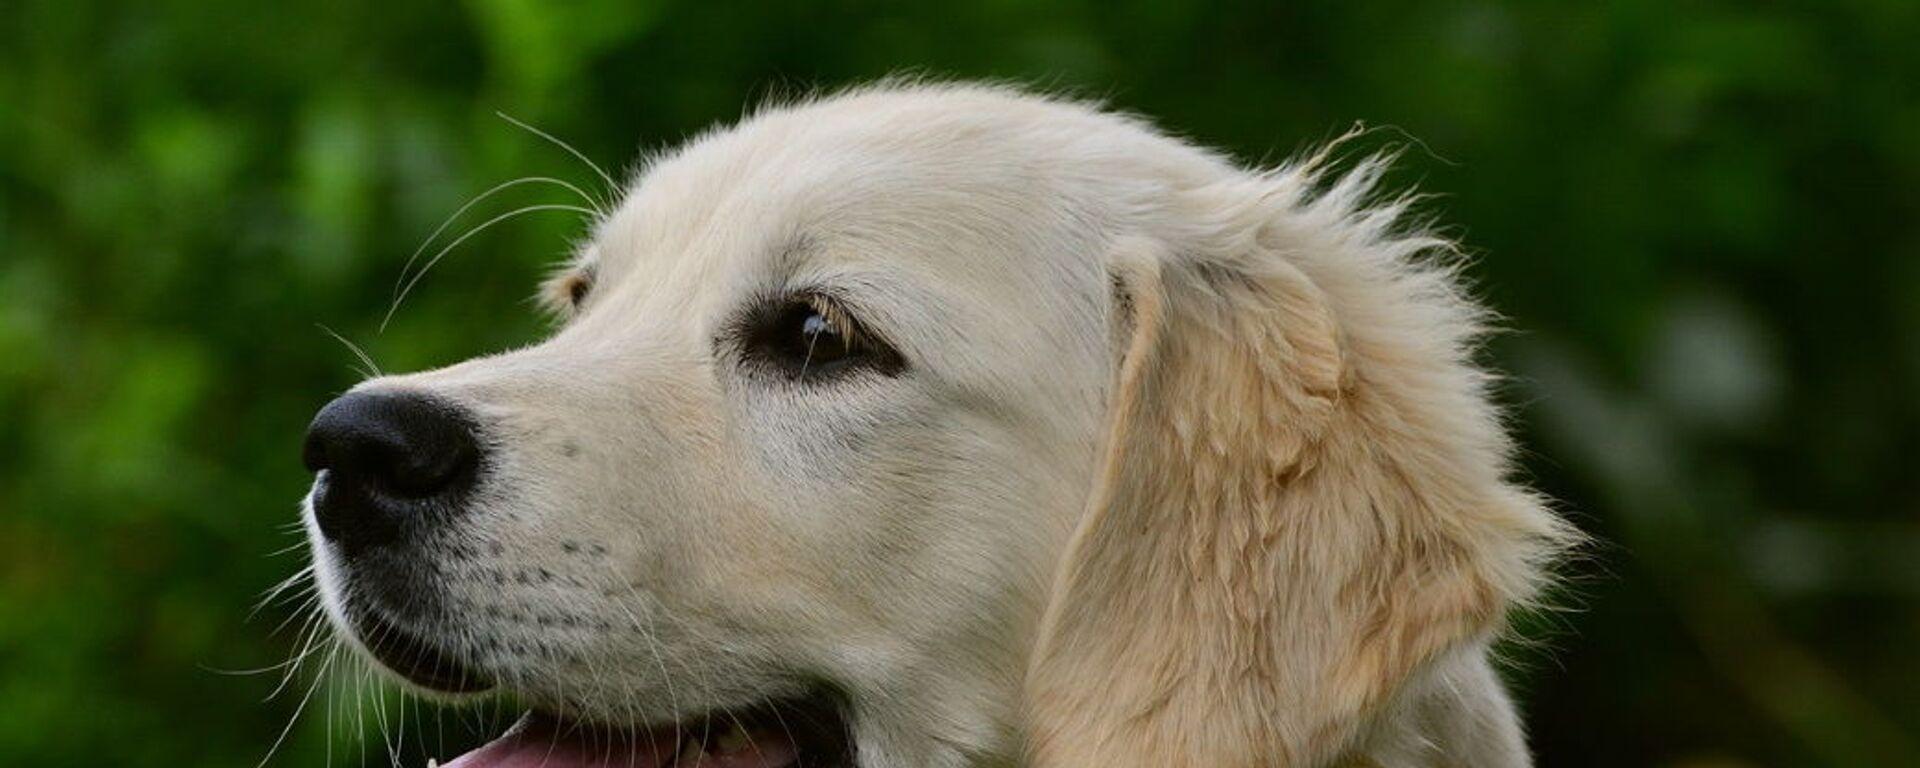 Σκυλί - Sputnik Ελλάδα, 1920, 25.08.2021